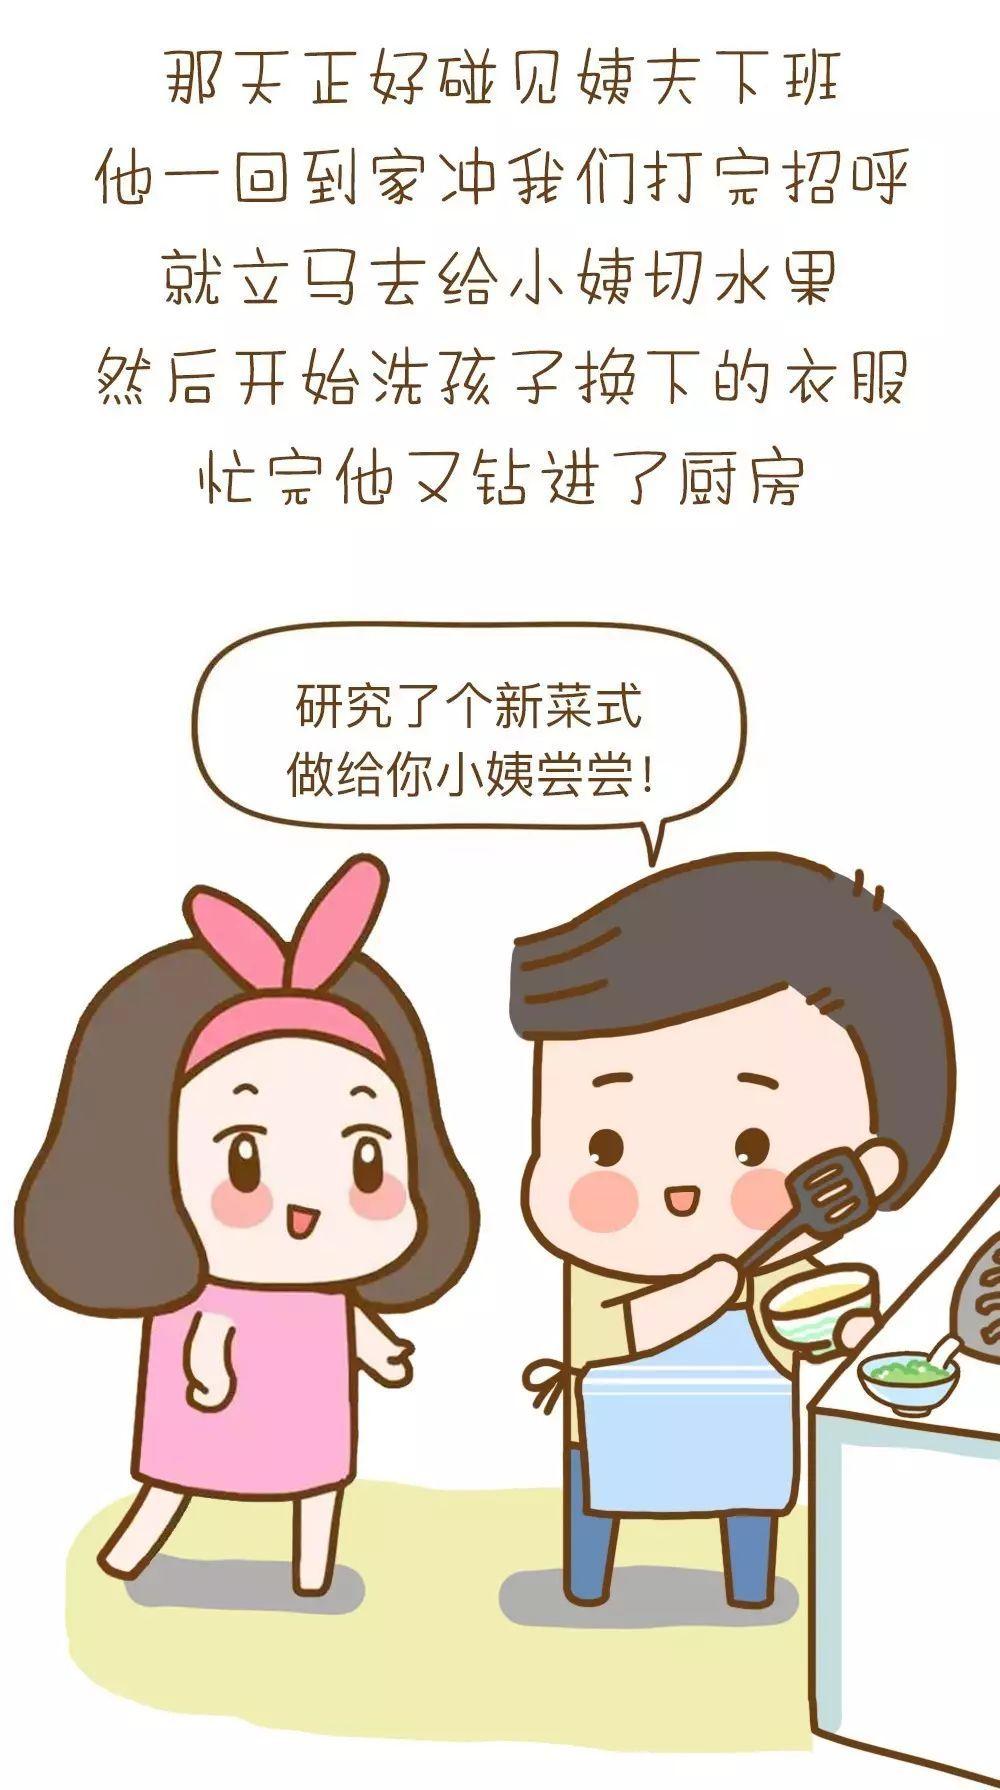 刘亦菲,赵丽颖,刘诗诗,穿越到古代,谁才是最美的那个